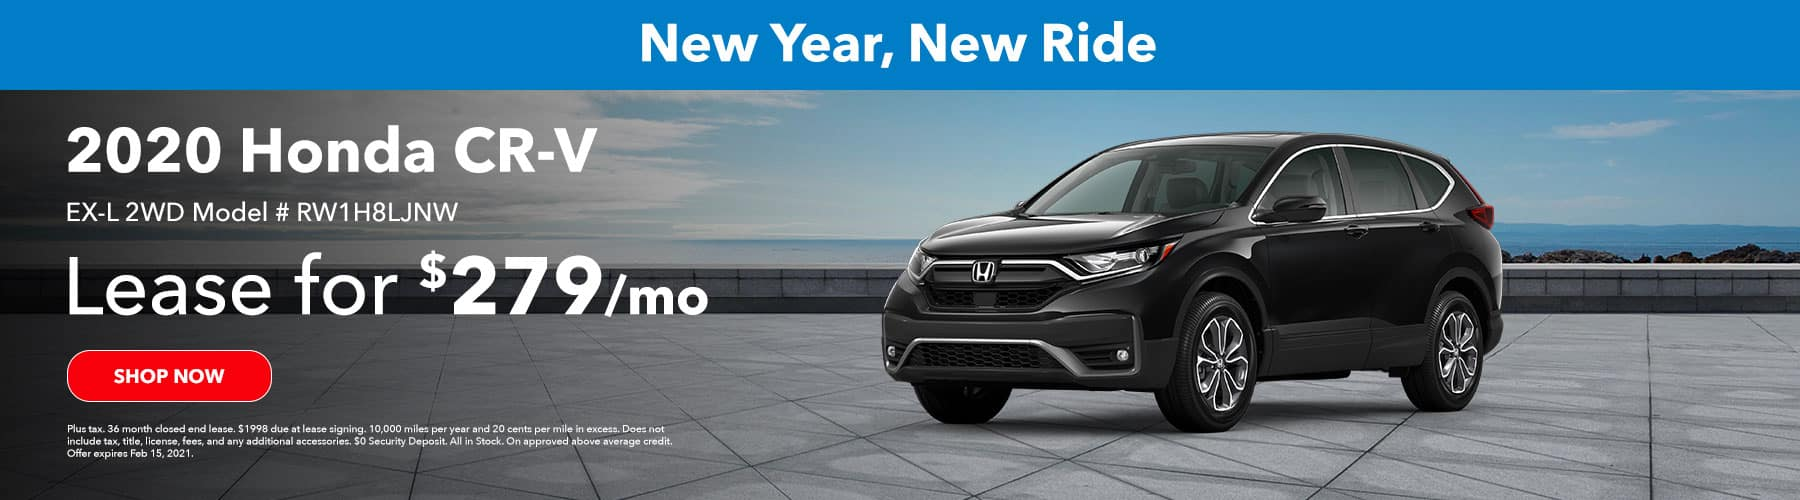 2020 Honda CRV EX-L 2WD